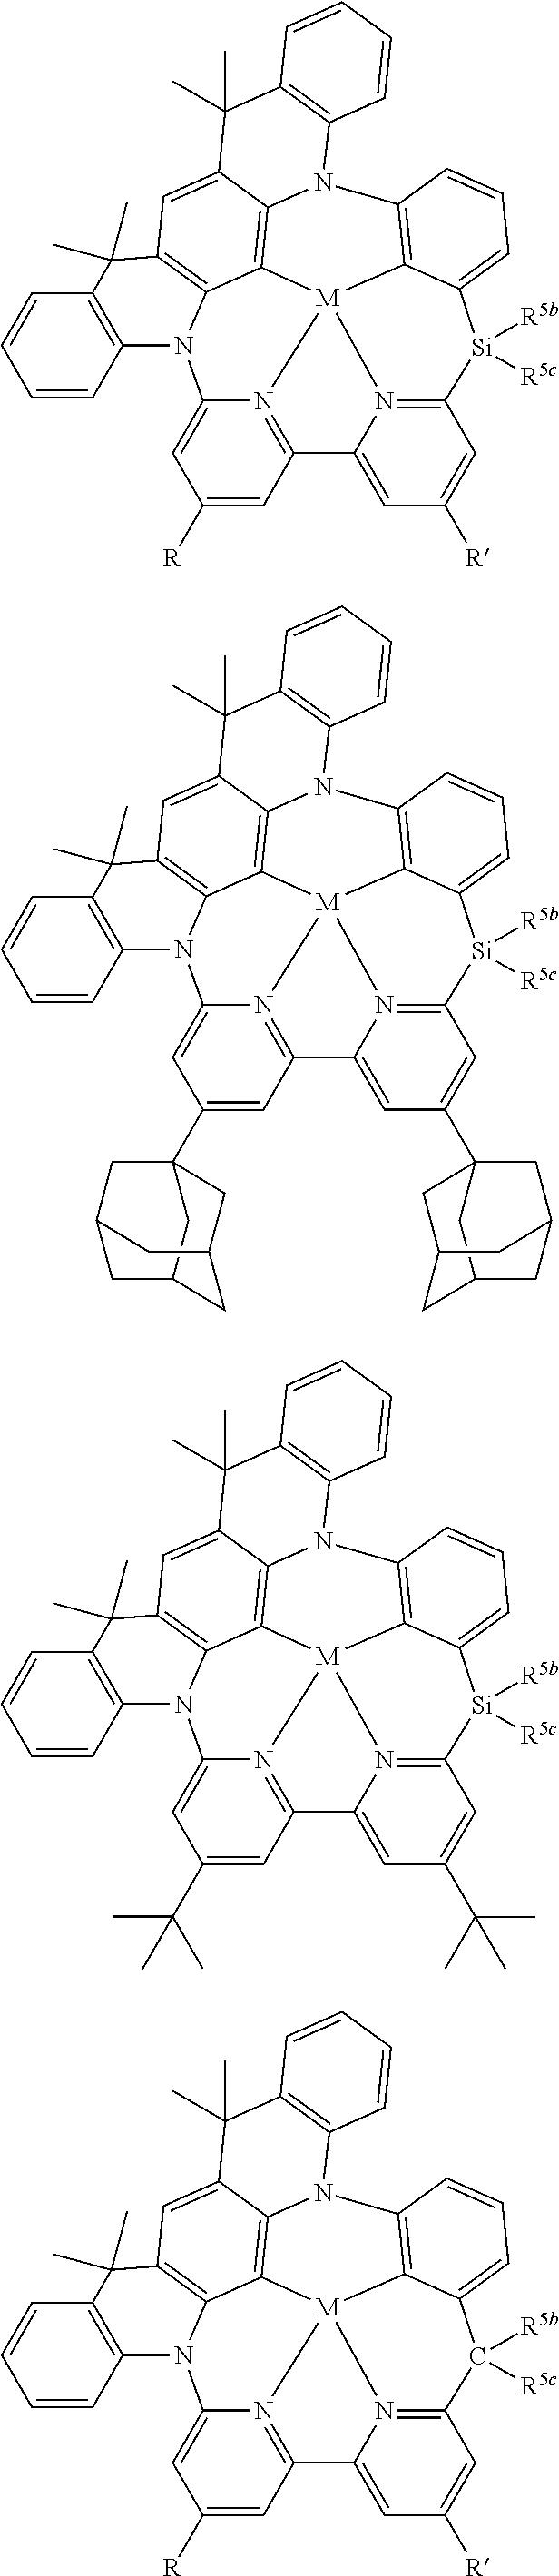 Figure US10158091-20181218-C00219